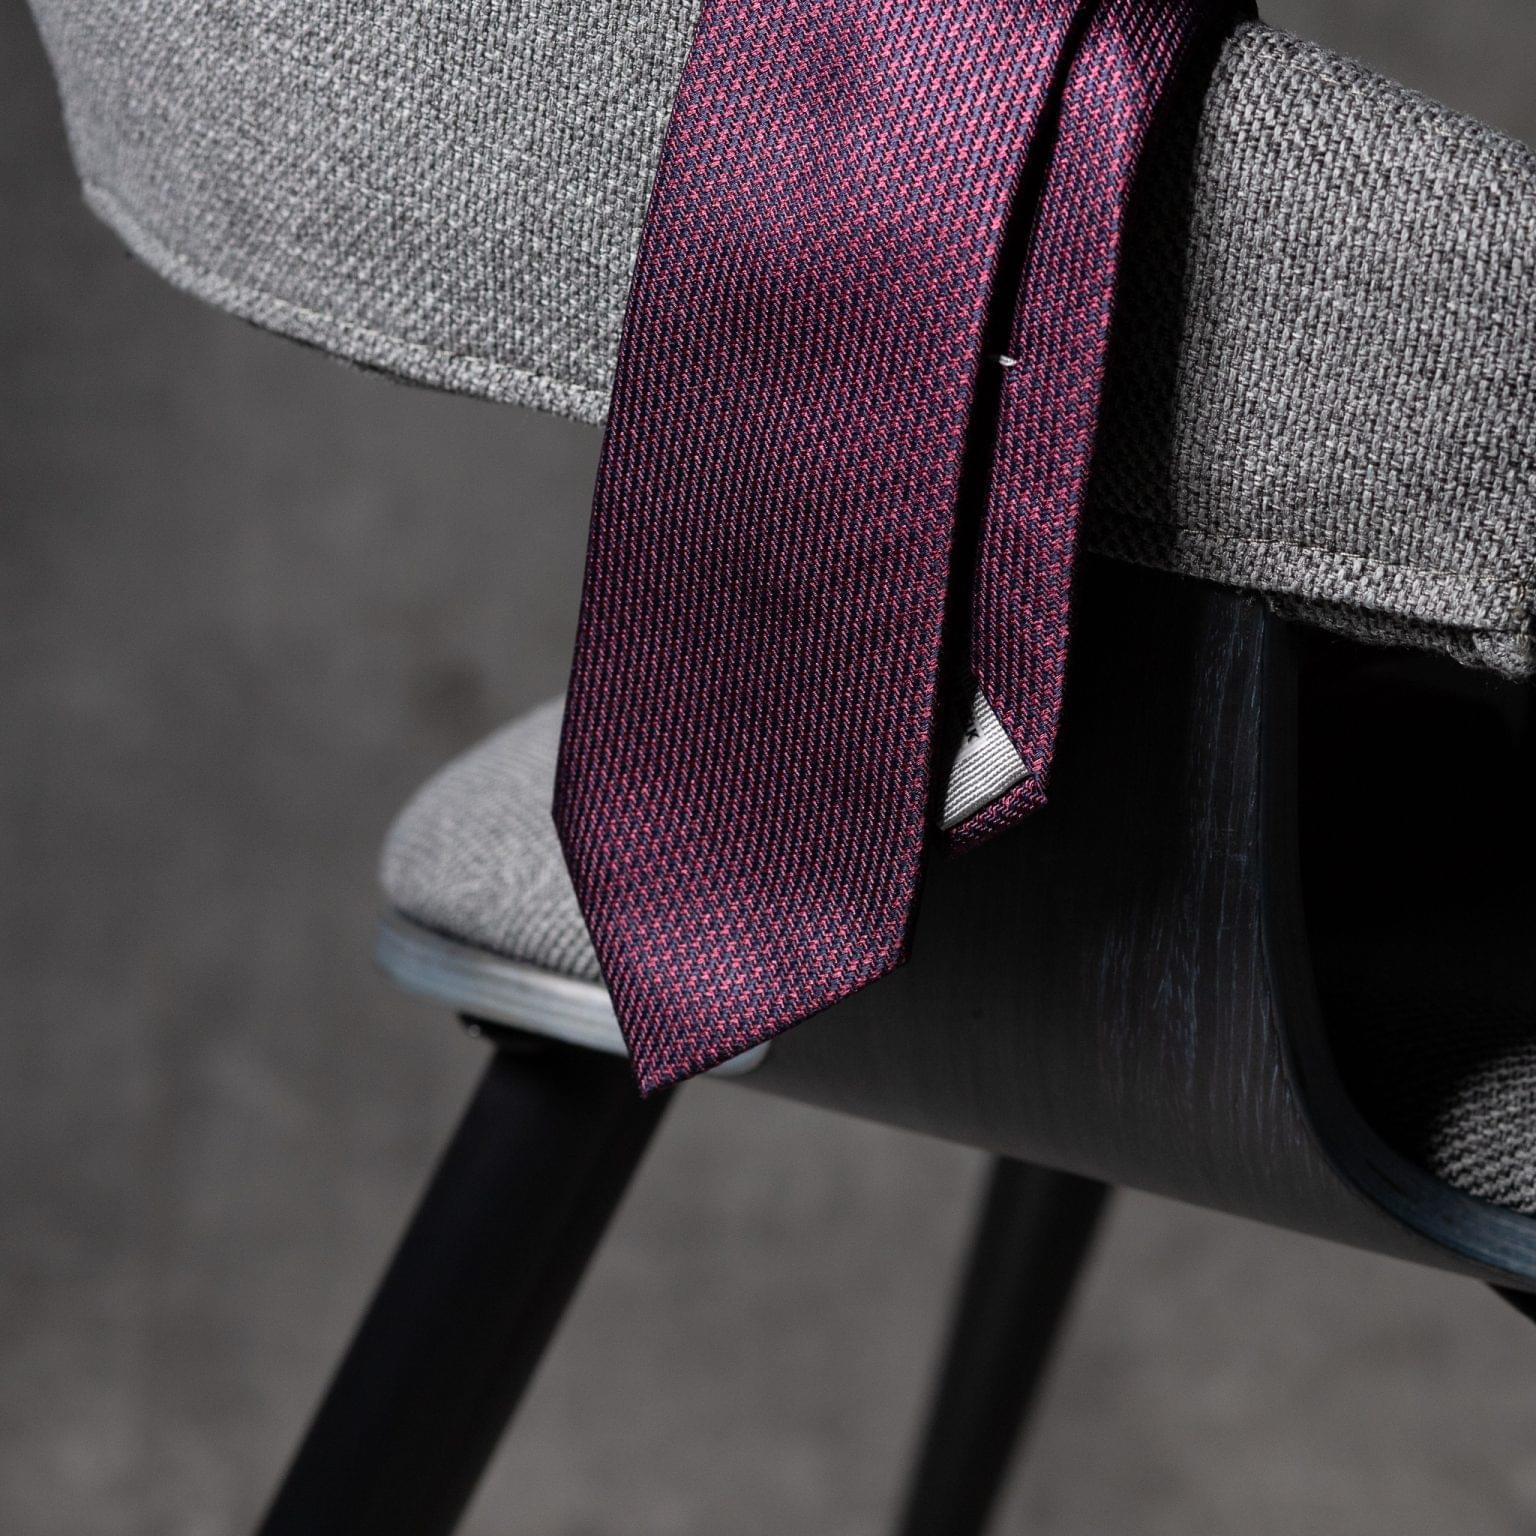 JACQUARD-0539-Tie-Initials-Corbata-Iniciales-The-Seelk-2